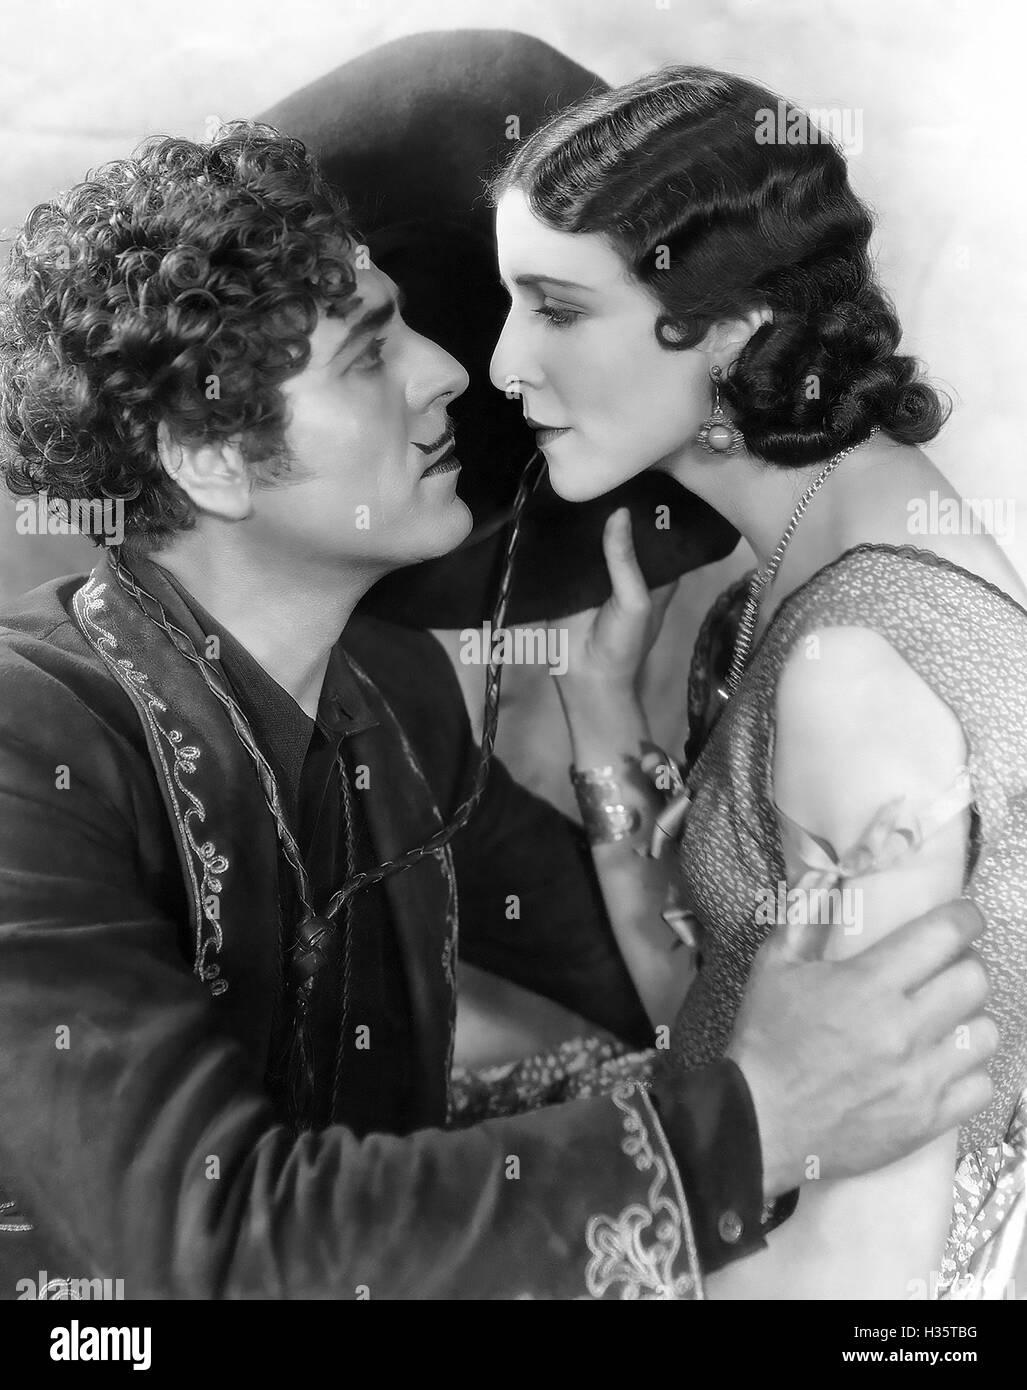 La Arizona KID 1930 Fox Film Corporation produzione con Mona Maris e Warner Baxter Immagini Stock